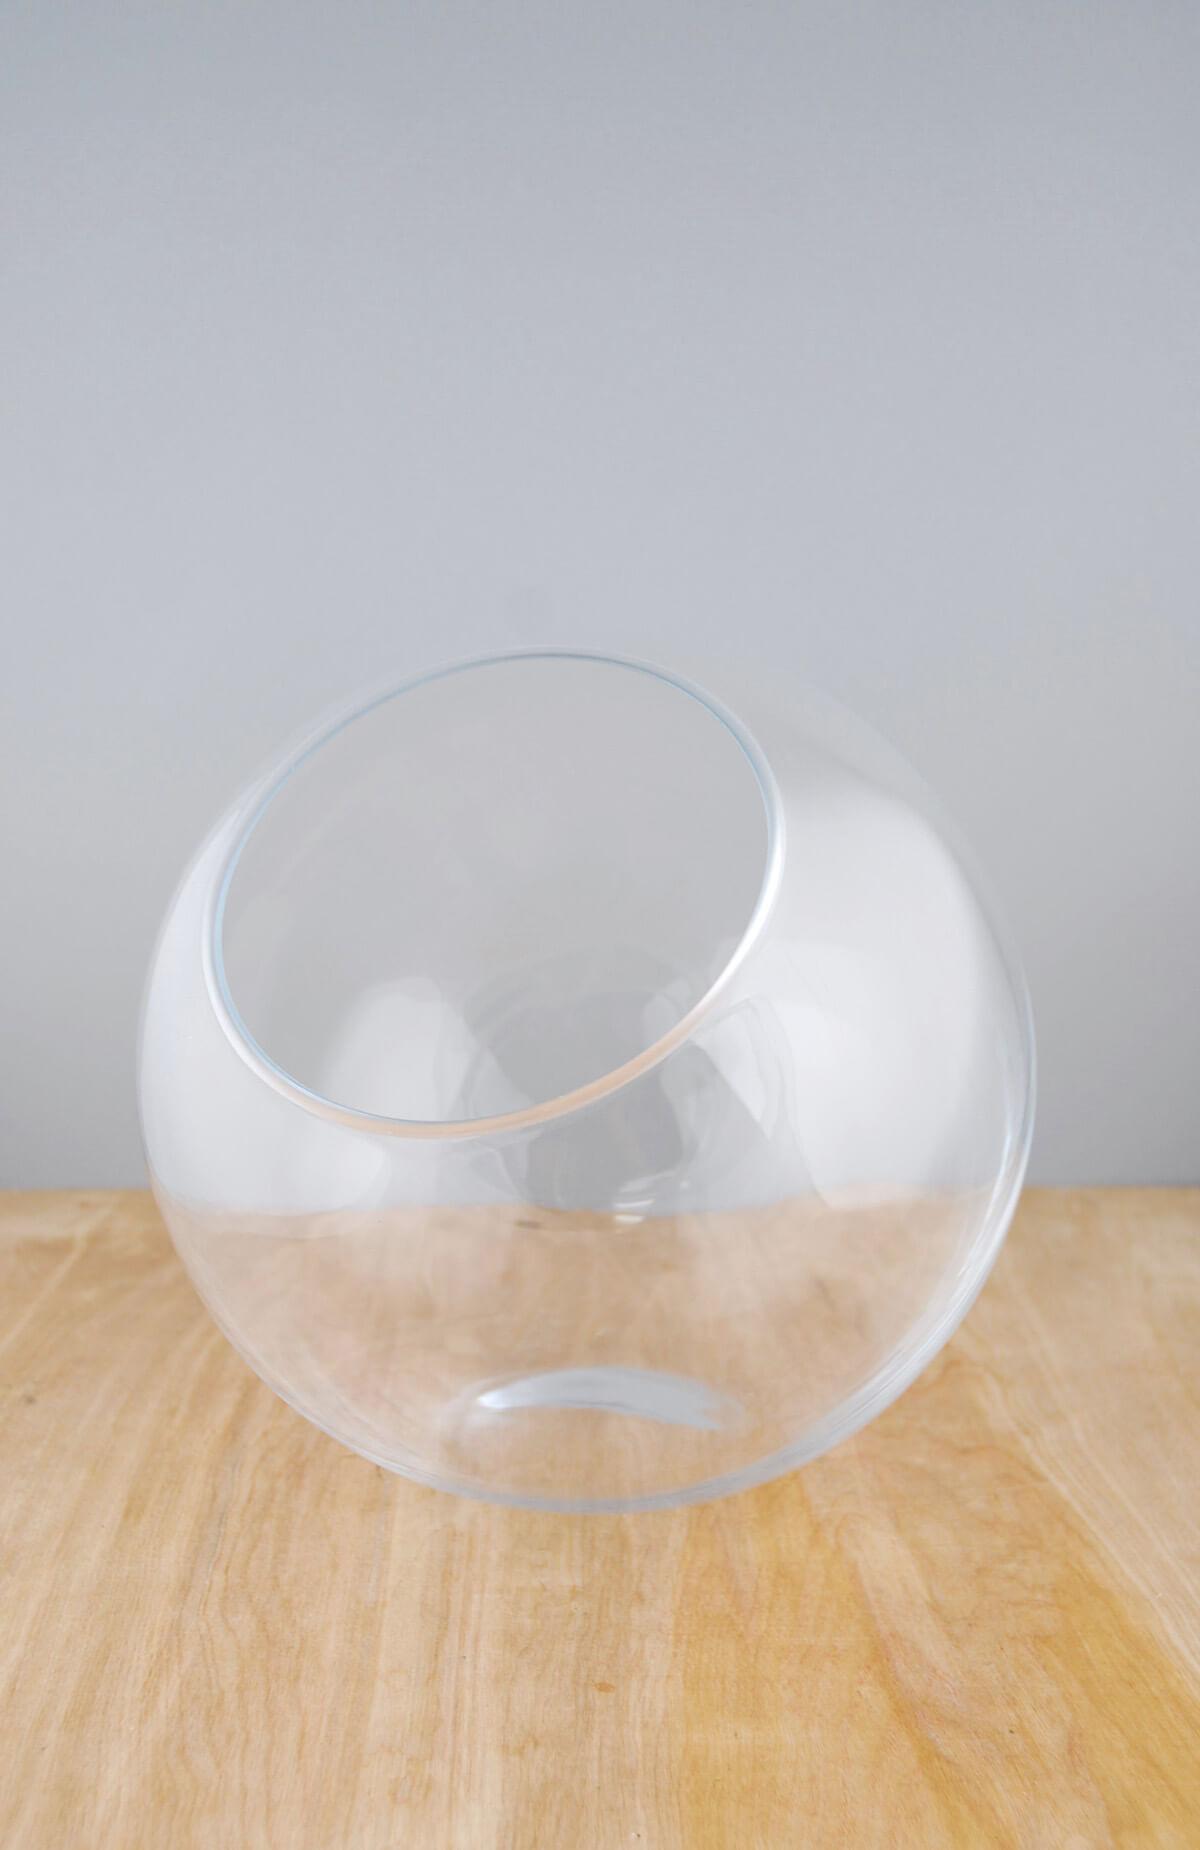 Studio Glass 10.5 x 10 Glass Orb Bowl